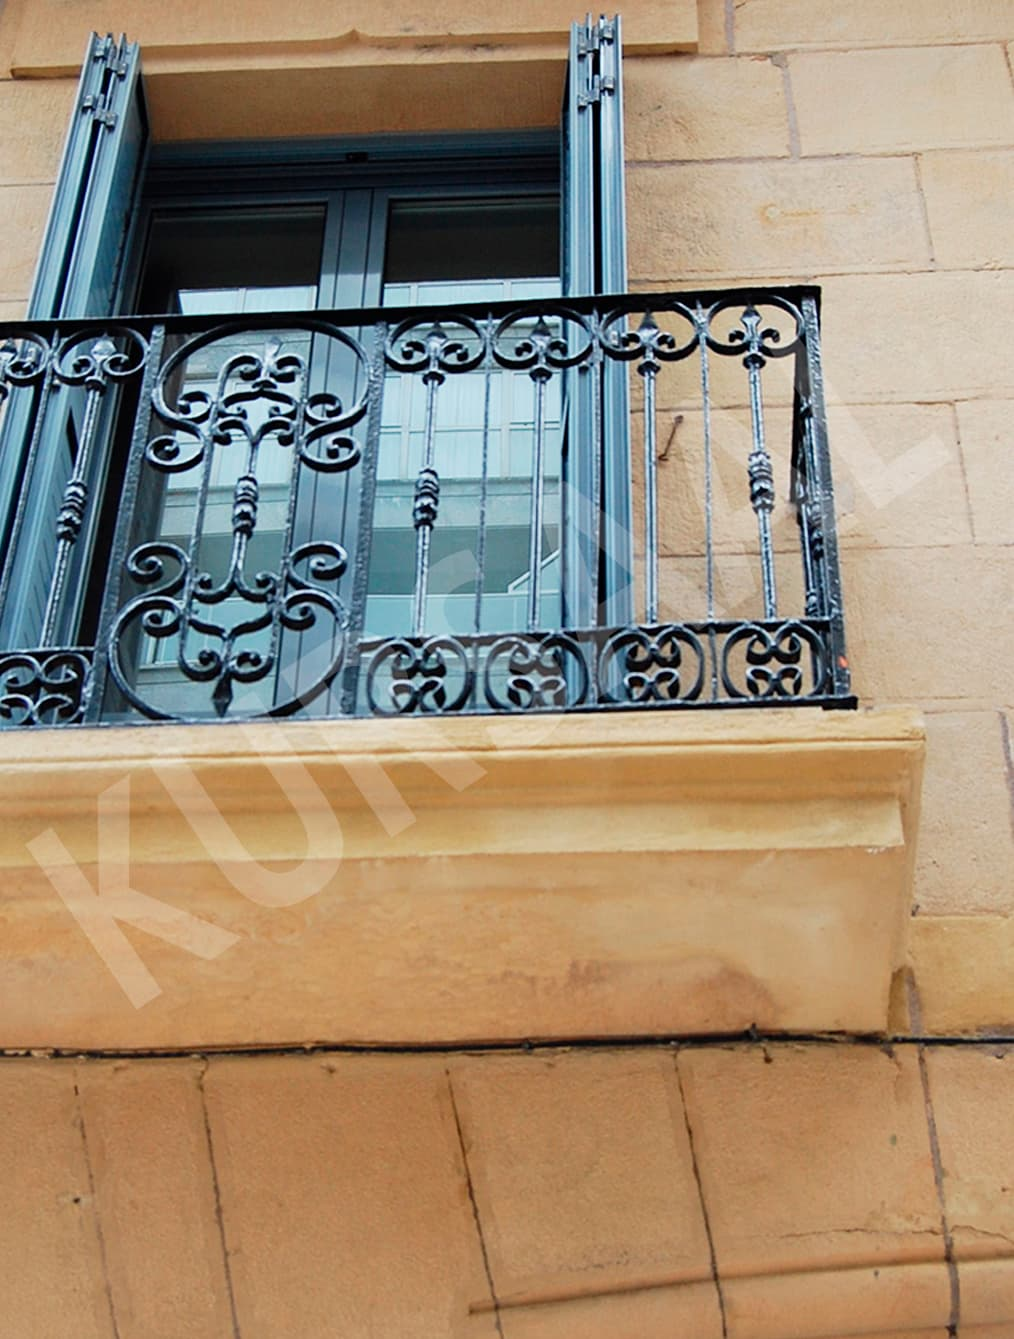 foto 8 - Restauración y patrimonio-Triunfo 3-DONOSTIA, GIPUZKOA